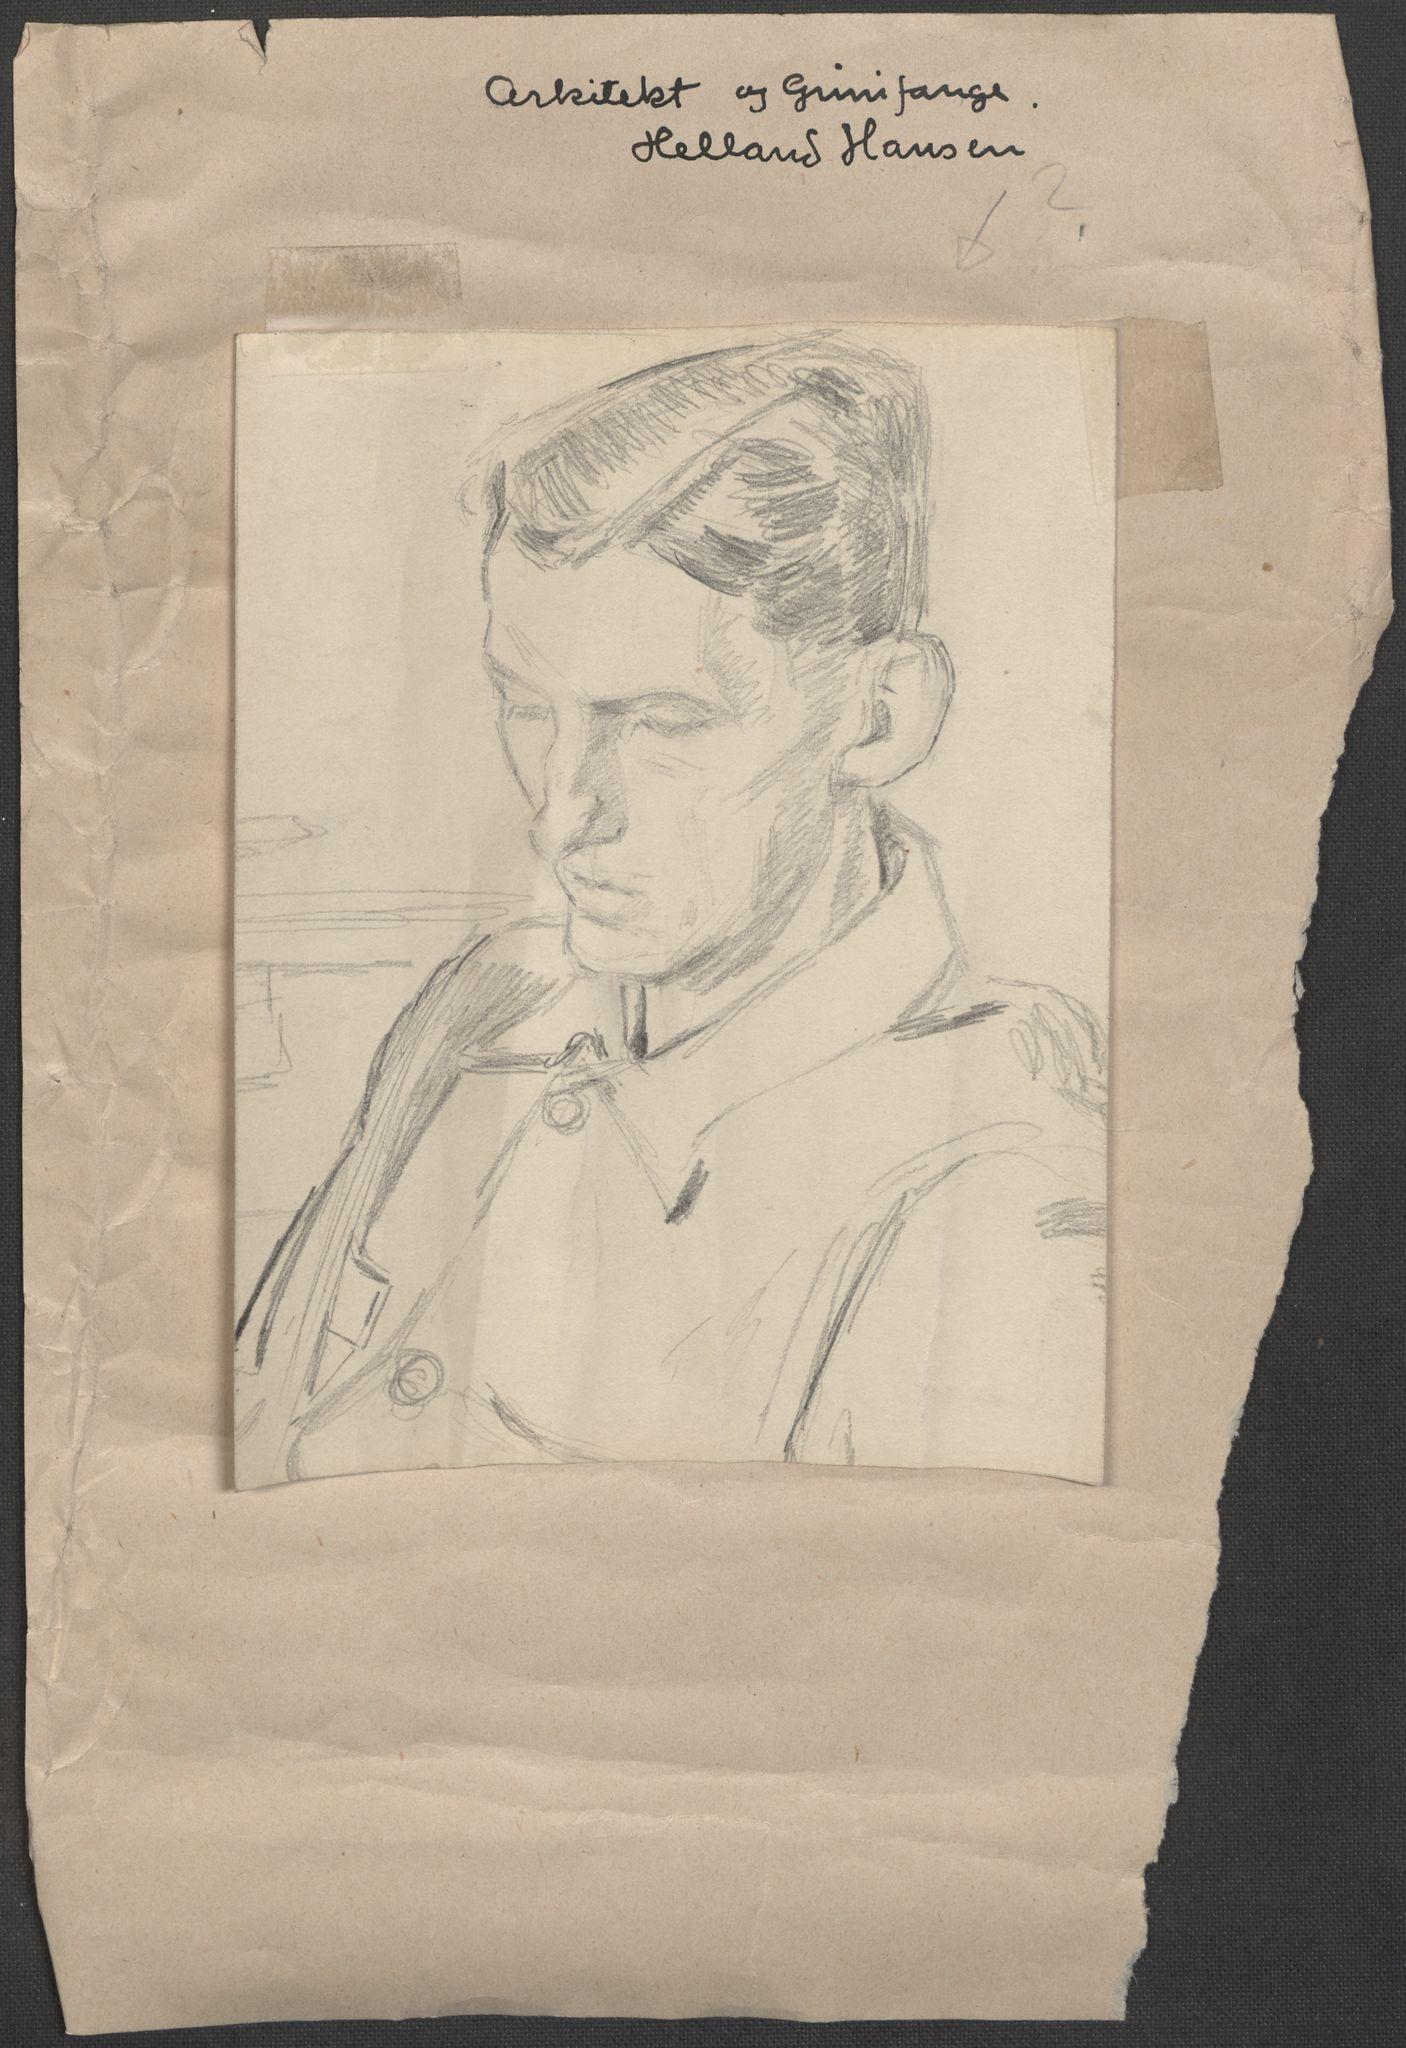 RA, Grøgaard, Joachim, F/L0002: Tegninger og tekster, 1942-1945, p. 30